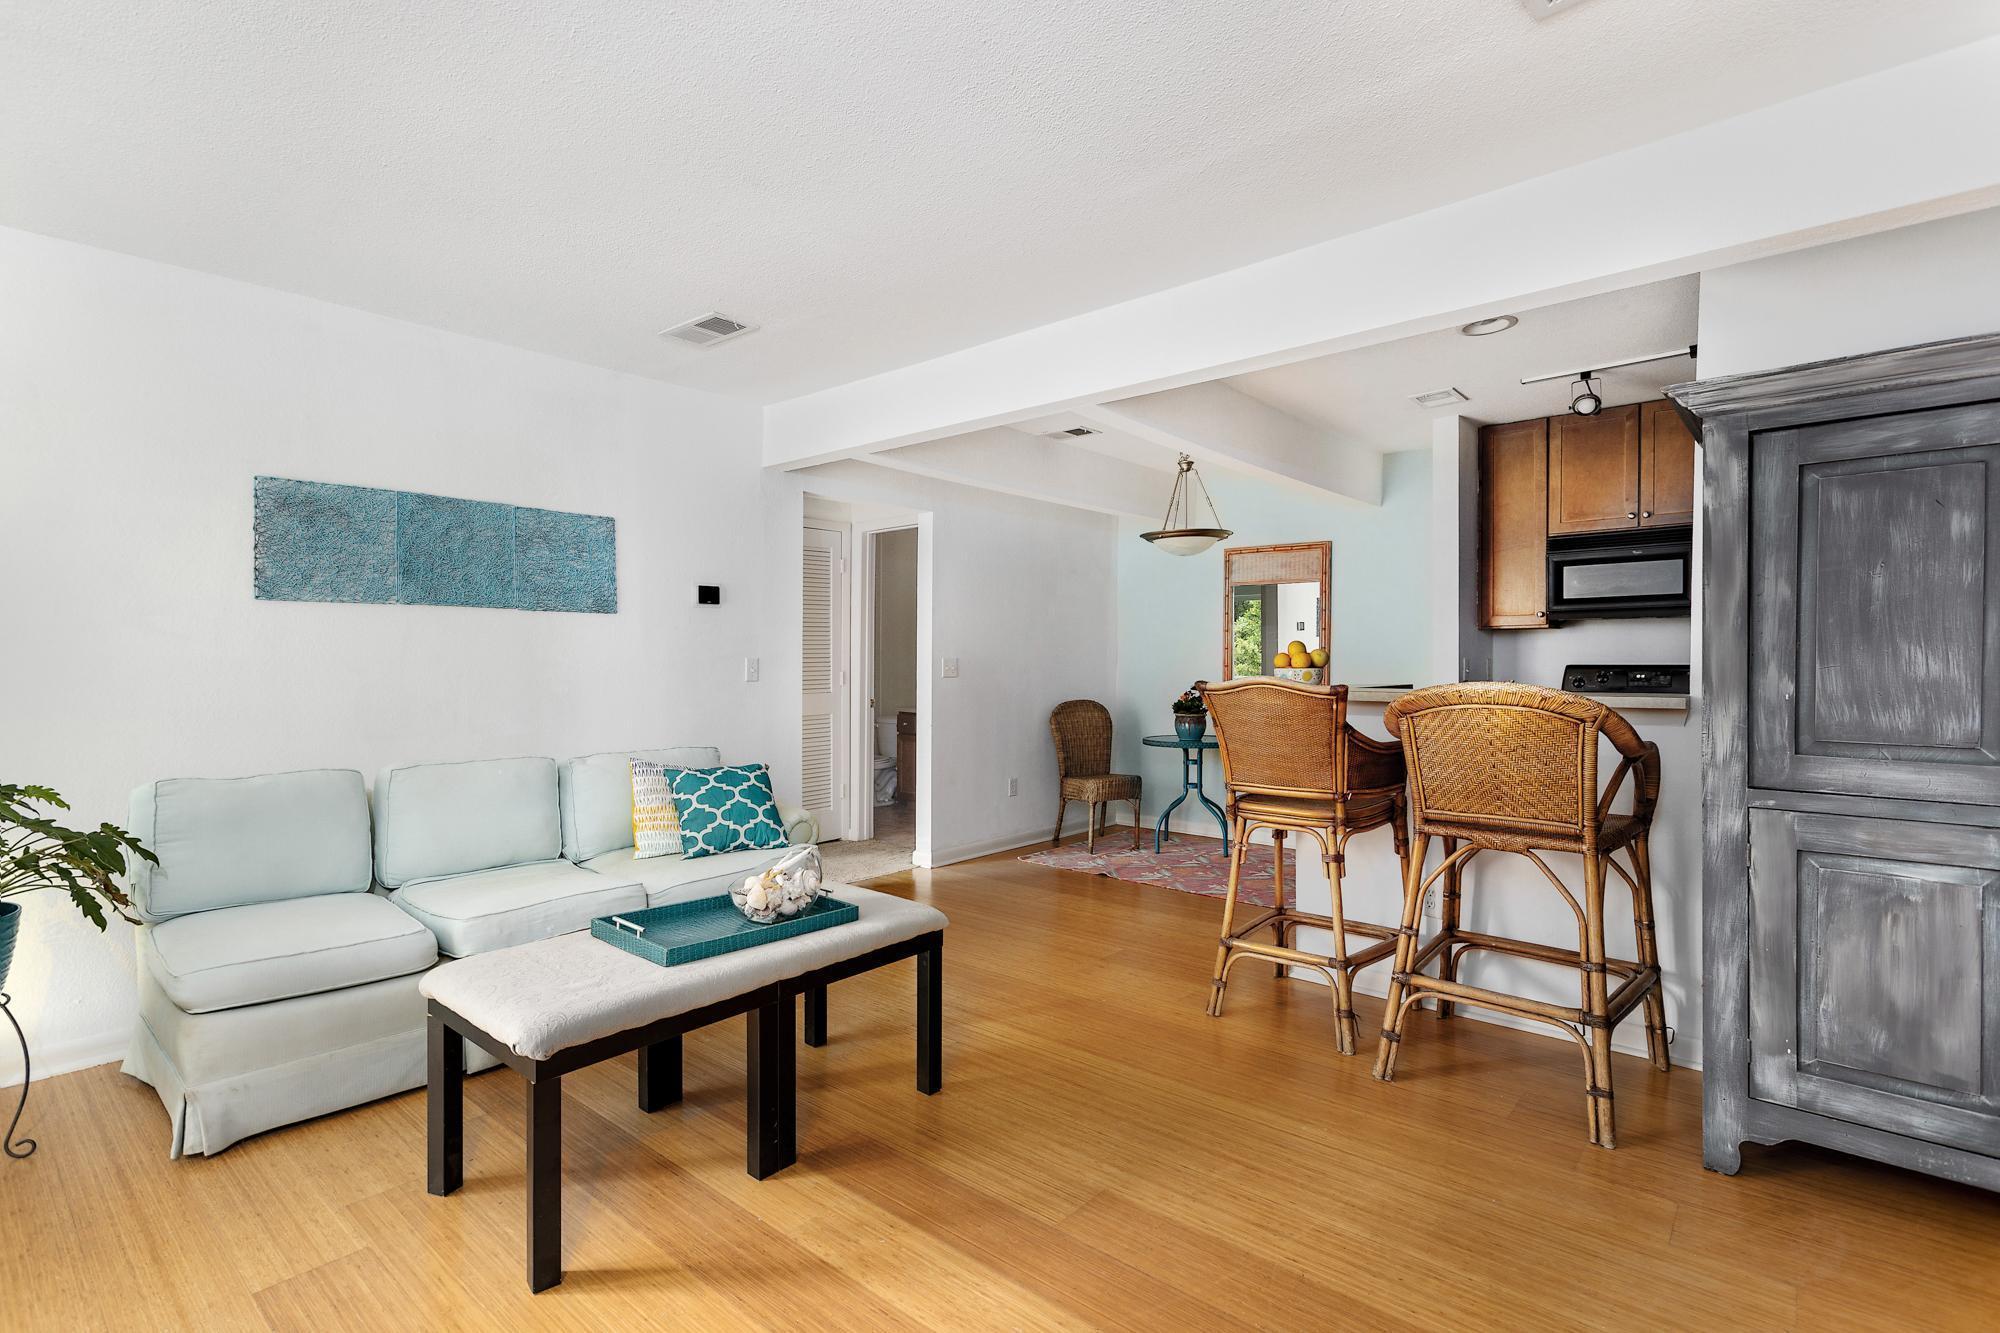 East Bridge Town Lofts Homes For Sale - 268 Alexandra, Mount Pleasant, SC - 12